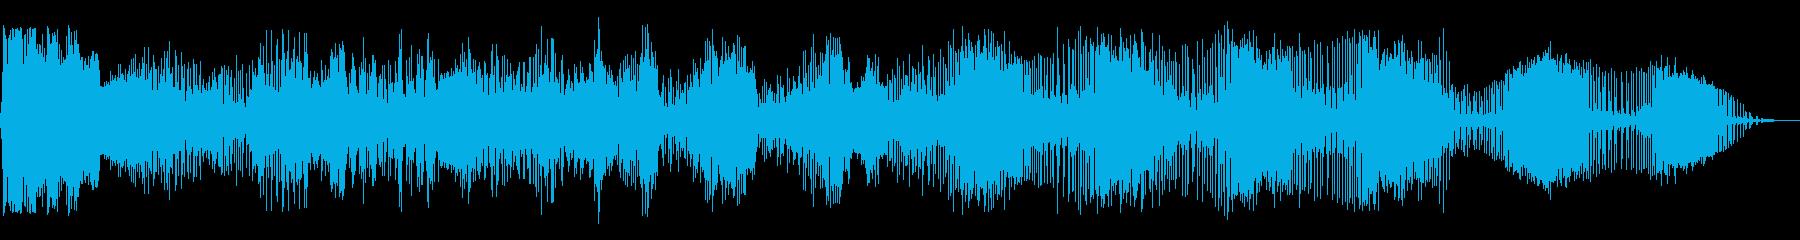 絞り込みザップの再生済みの波形